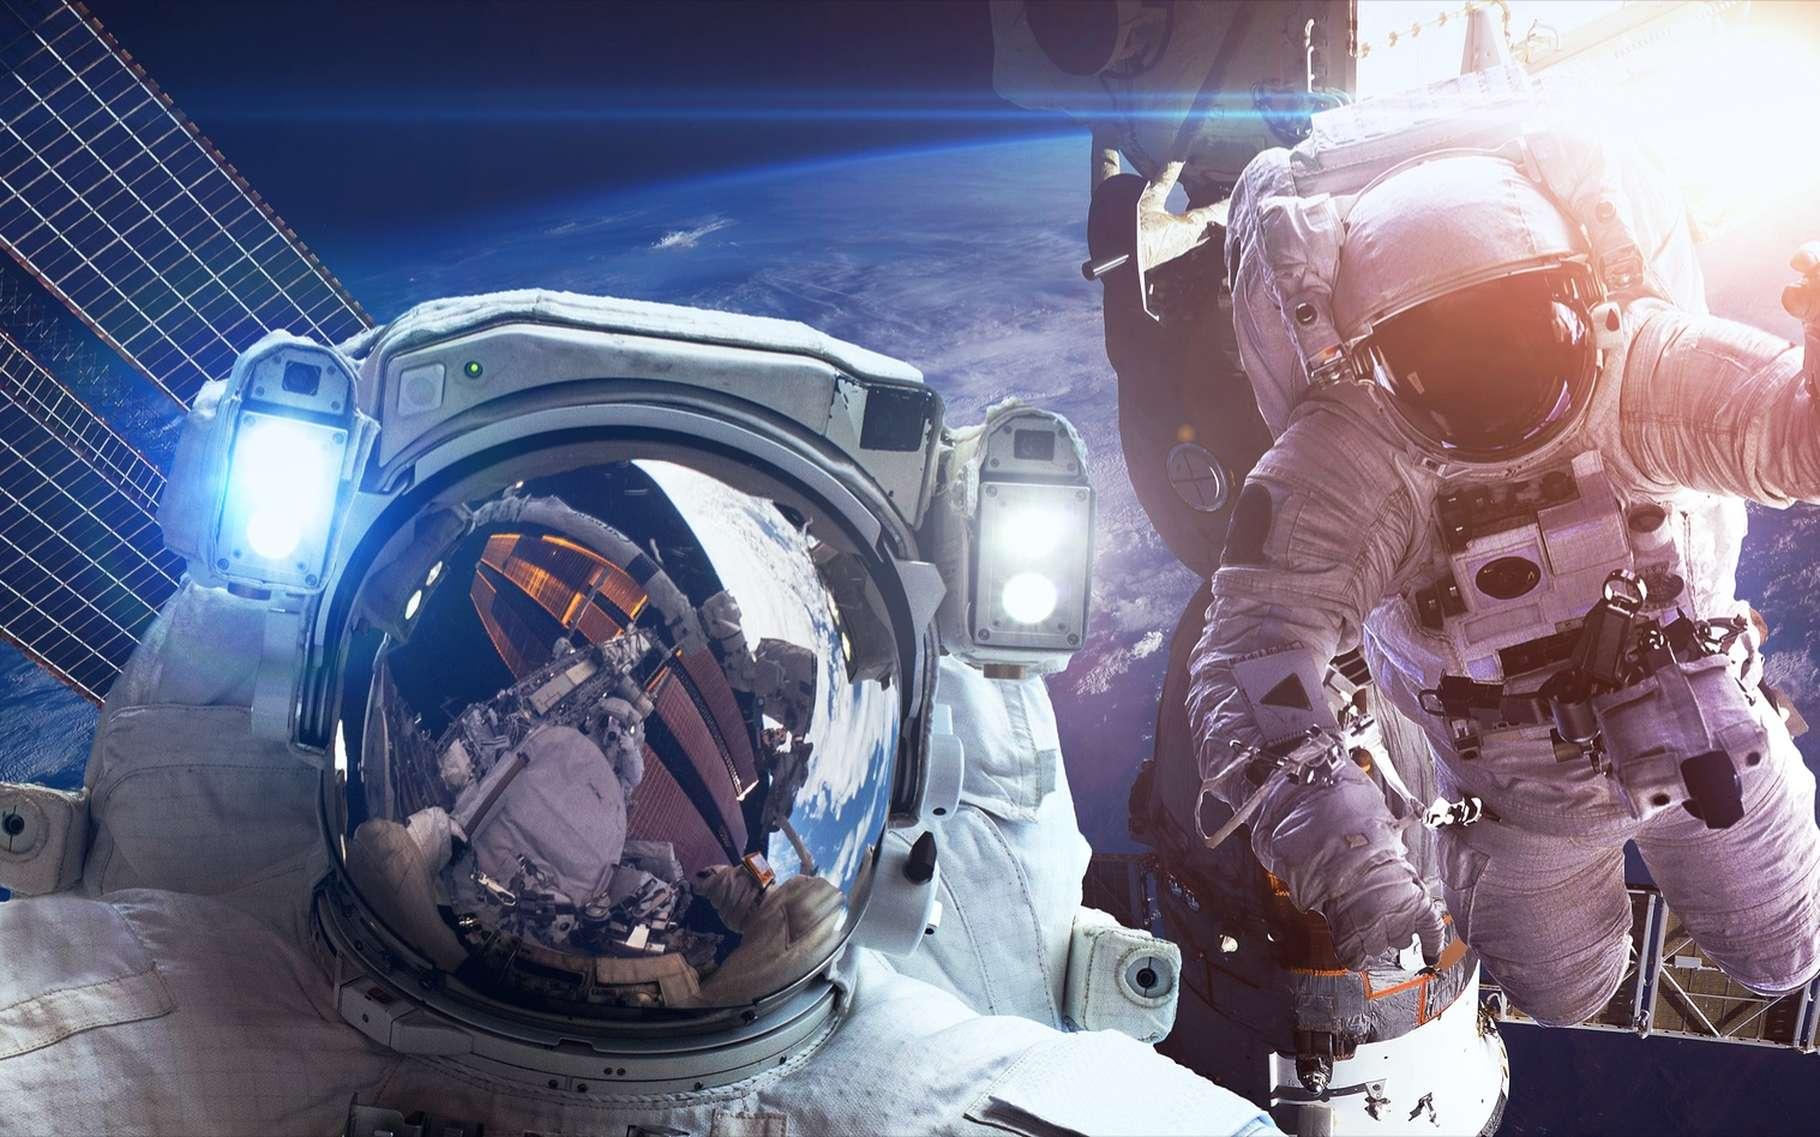 L'agence spatiale américaine lance un appel à candidatures pour devenir astronautes. La sélection finale sera faite en milieu d'année 2021. © Vadim Sadovski, Shutterstock